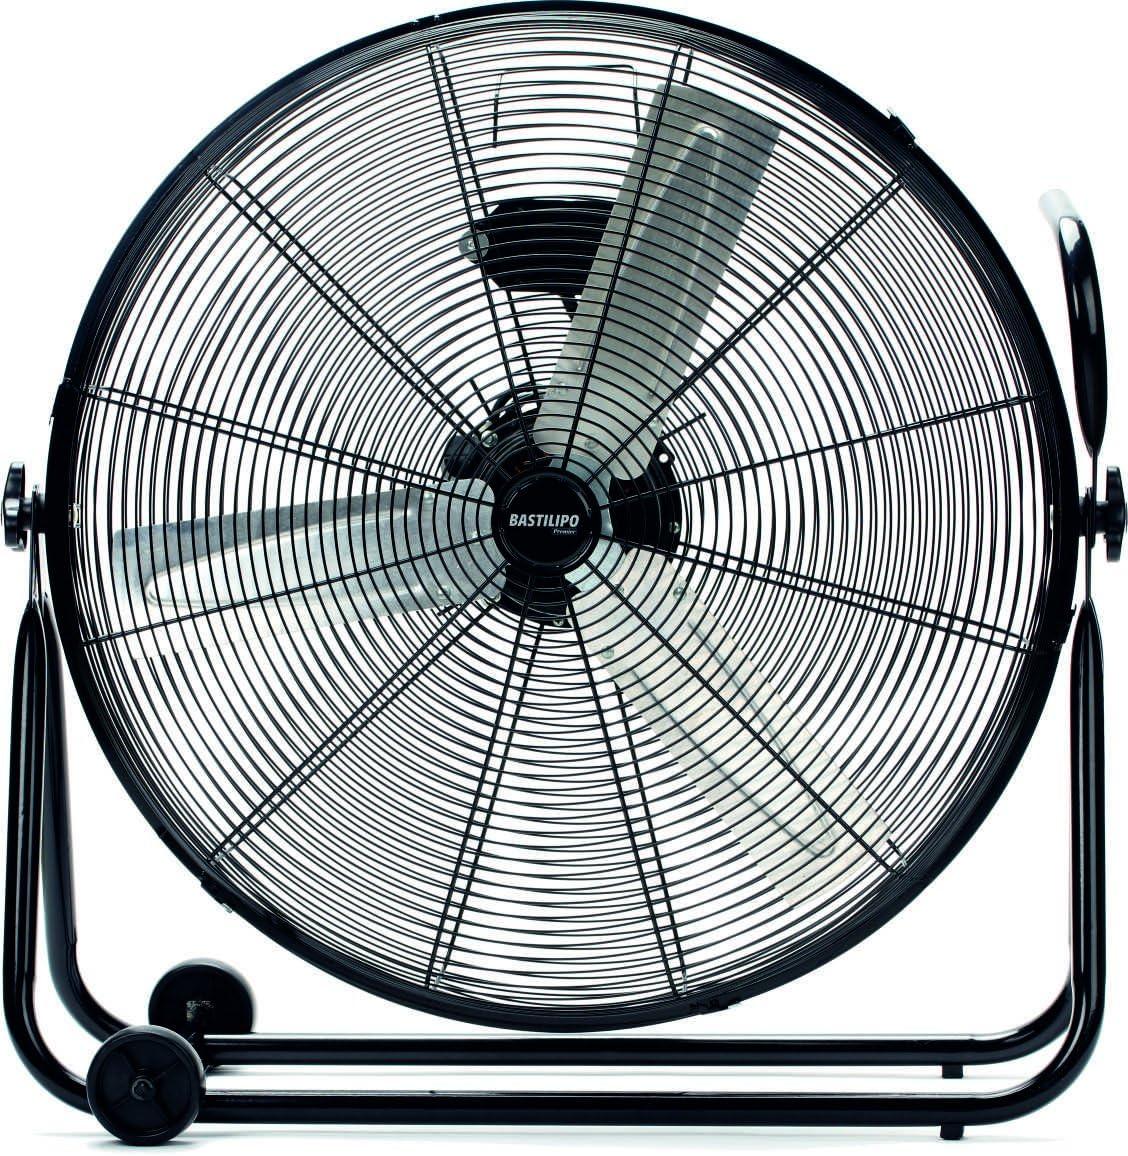 Bastilipo Huracán Ventilador Industrial de Suelo, 140 W, Acero Inoxidable, 3 Velocidades, Negro